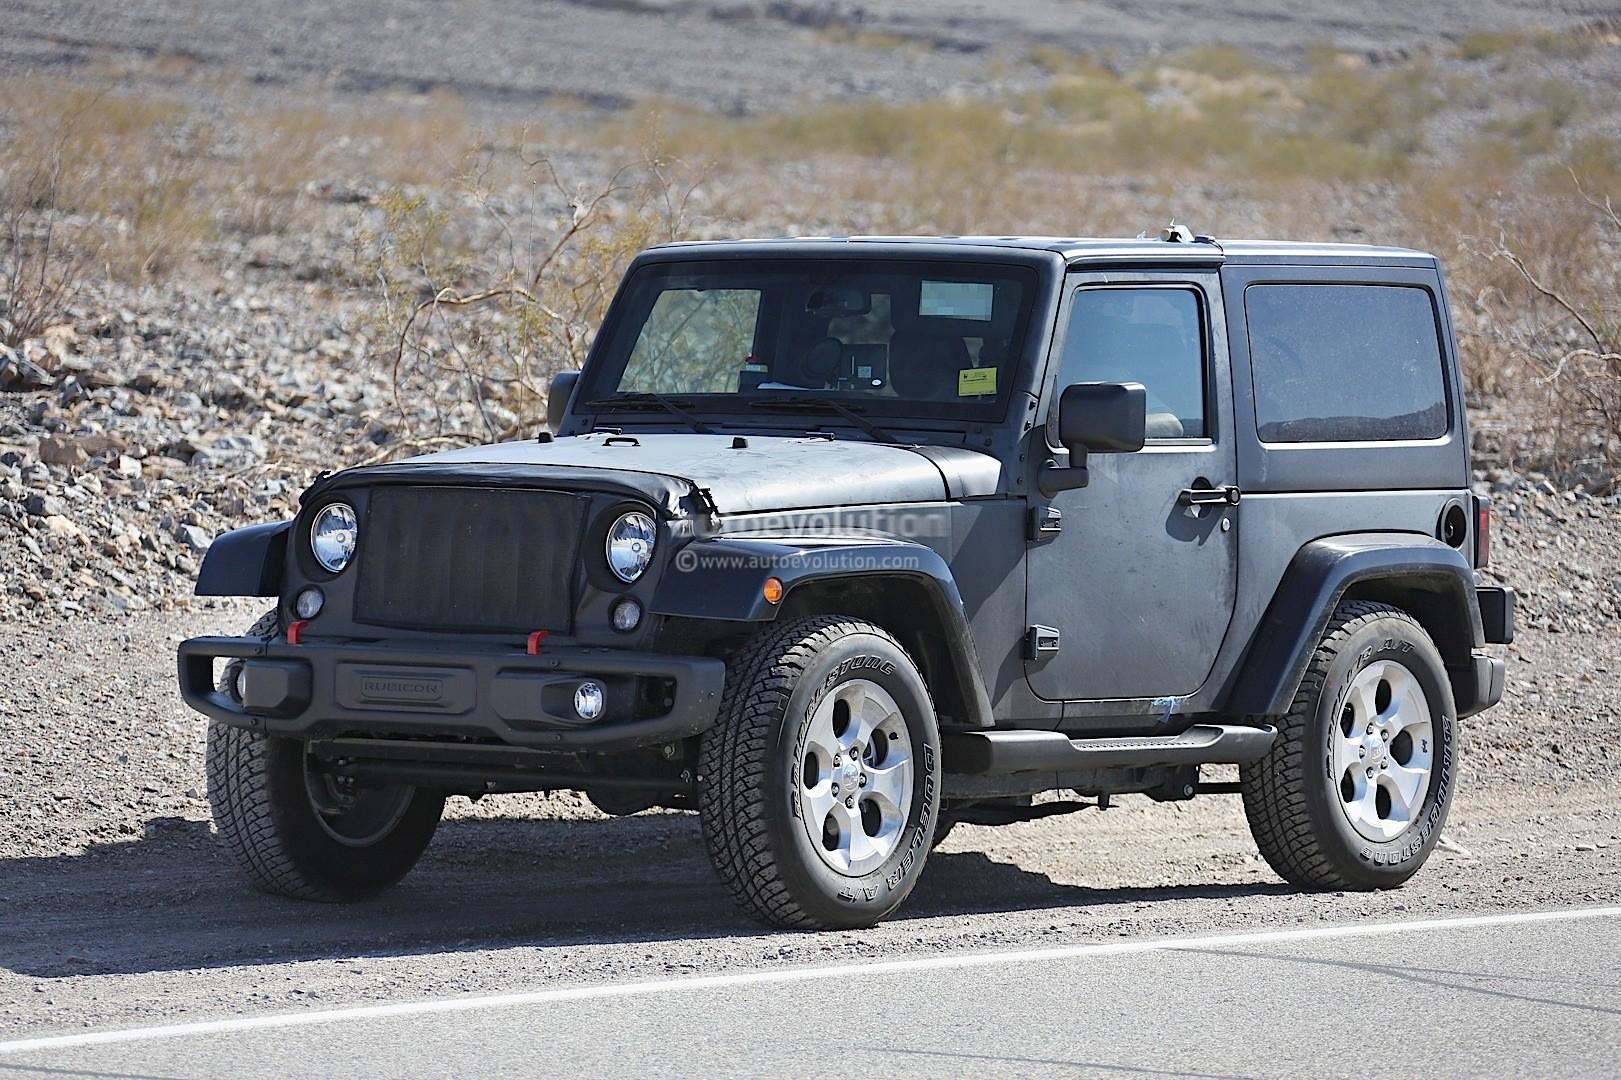 Jeep Wrangler Pickup For Sale >> JL Wrangler to Start Production in November 2017, JT Wrangler Pickup in 2018 - autoevolution